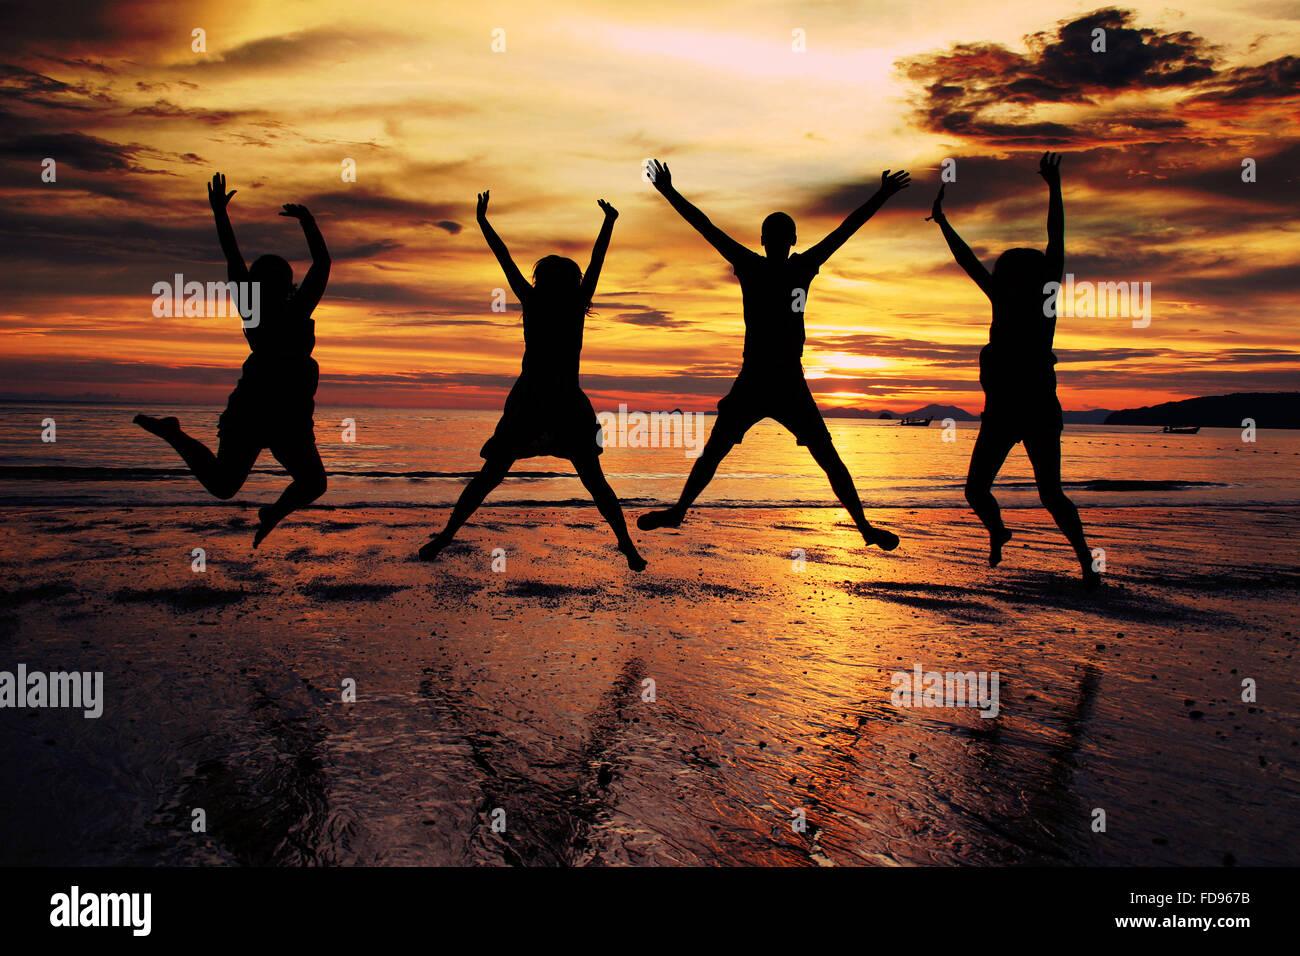 Silueta amigos saltando en la playa durante la puesta de sol Imagen De Stock